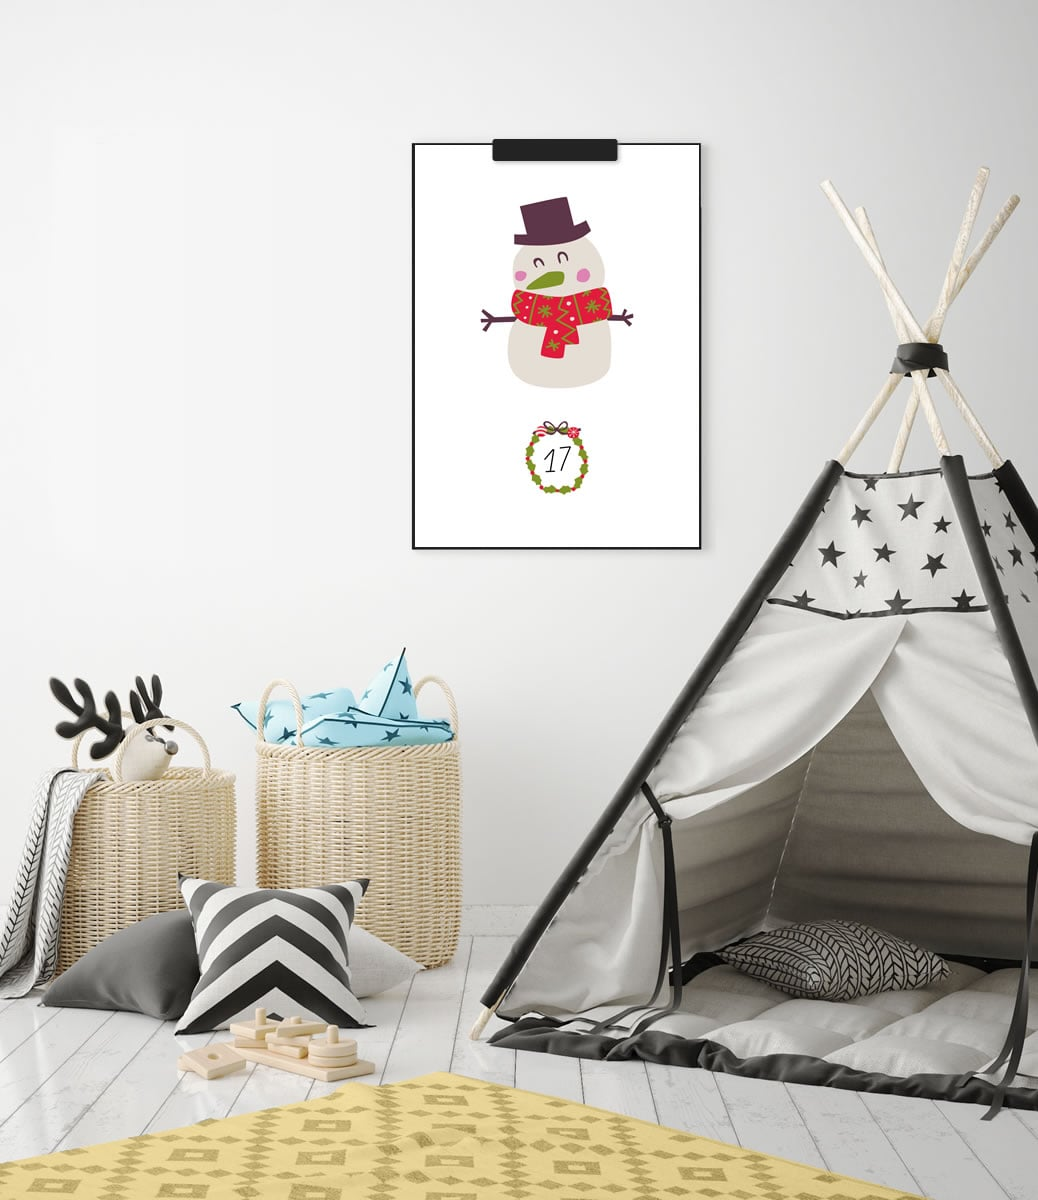 Kinder-Adventskalender mit 24 weihnachtlichen Wandbildern (Druckvorlage, A4)   Filizity.com   Interior- & DIY-Blog und Shop #printable #download #weihnachten #adventskalender